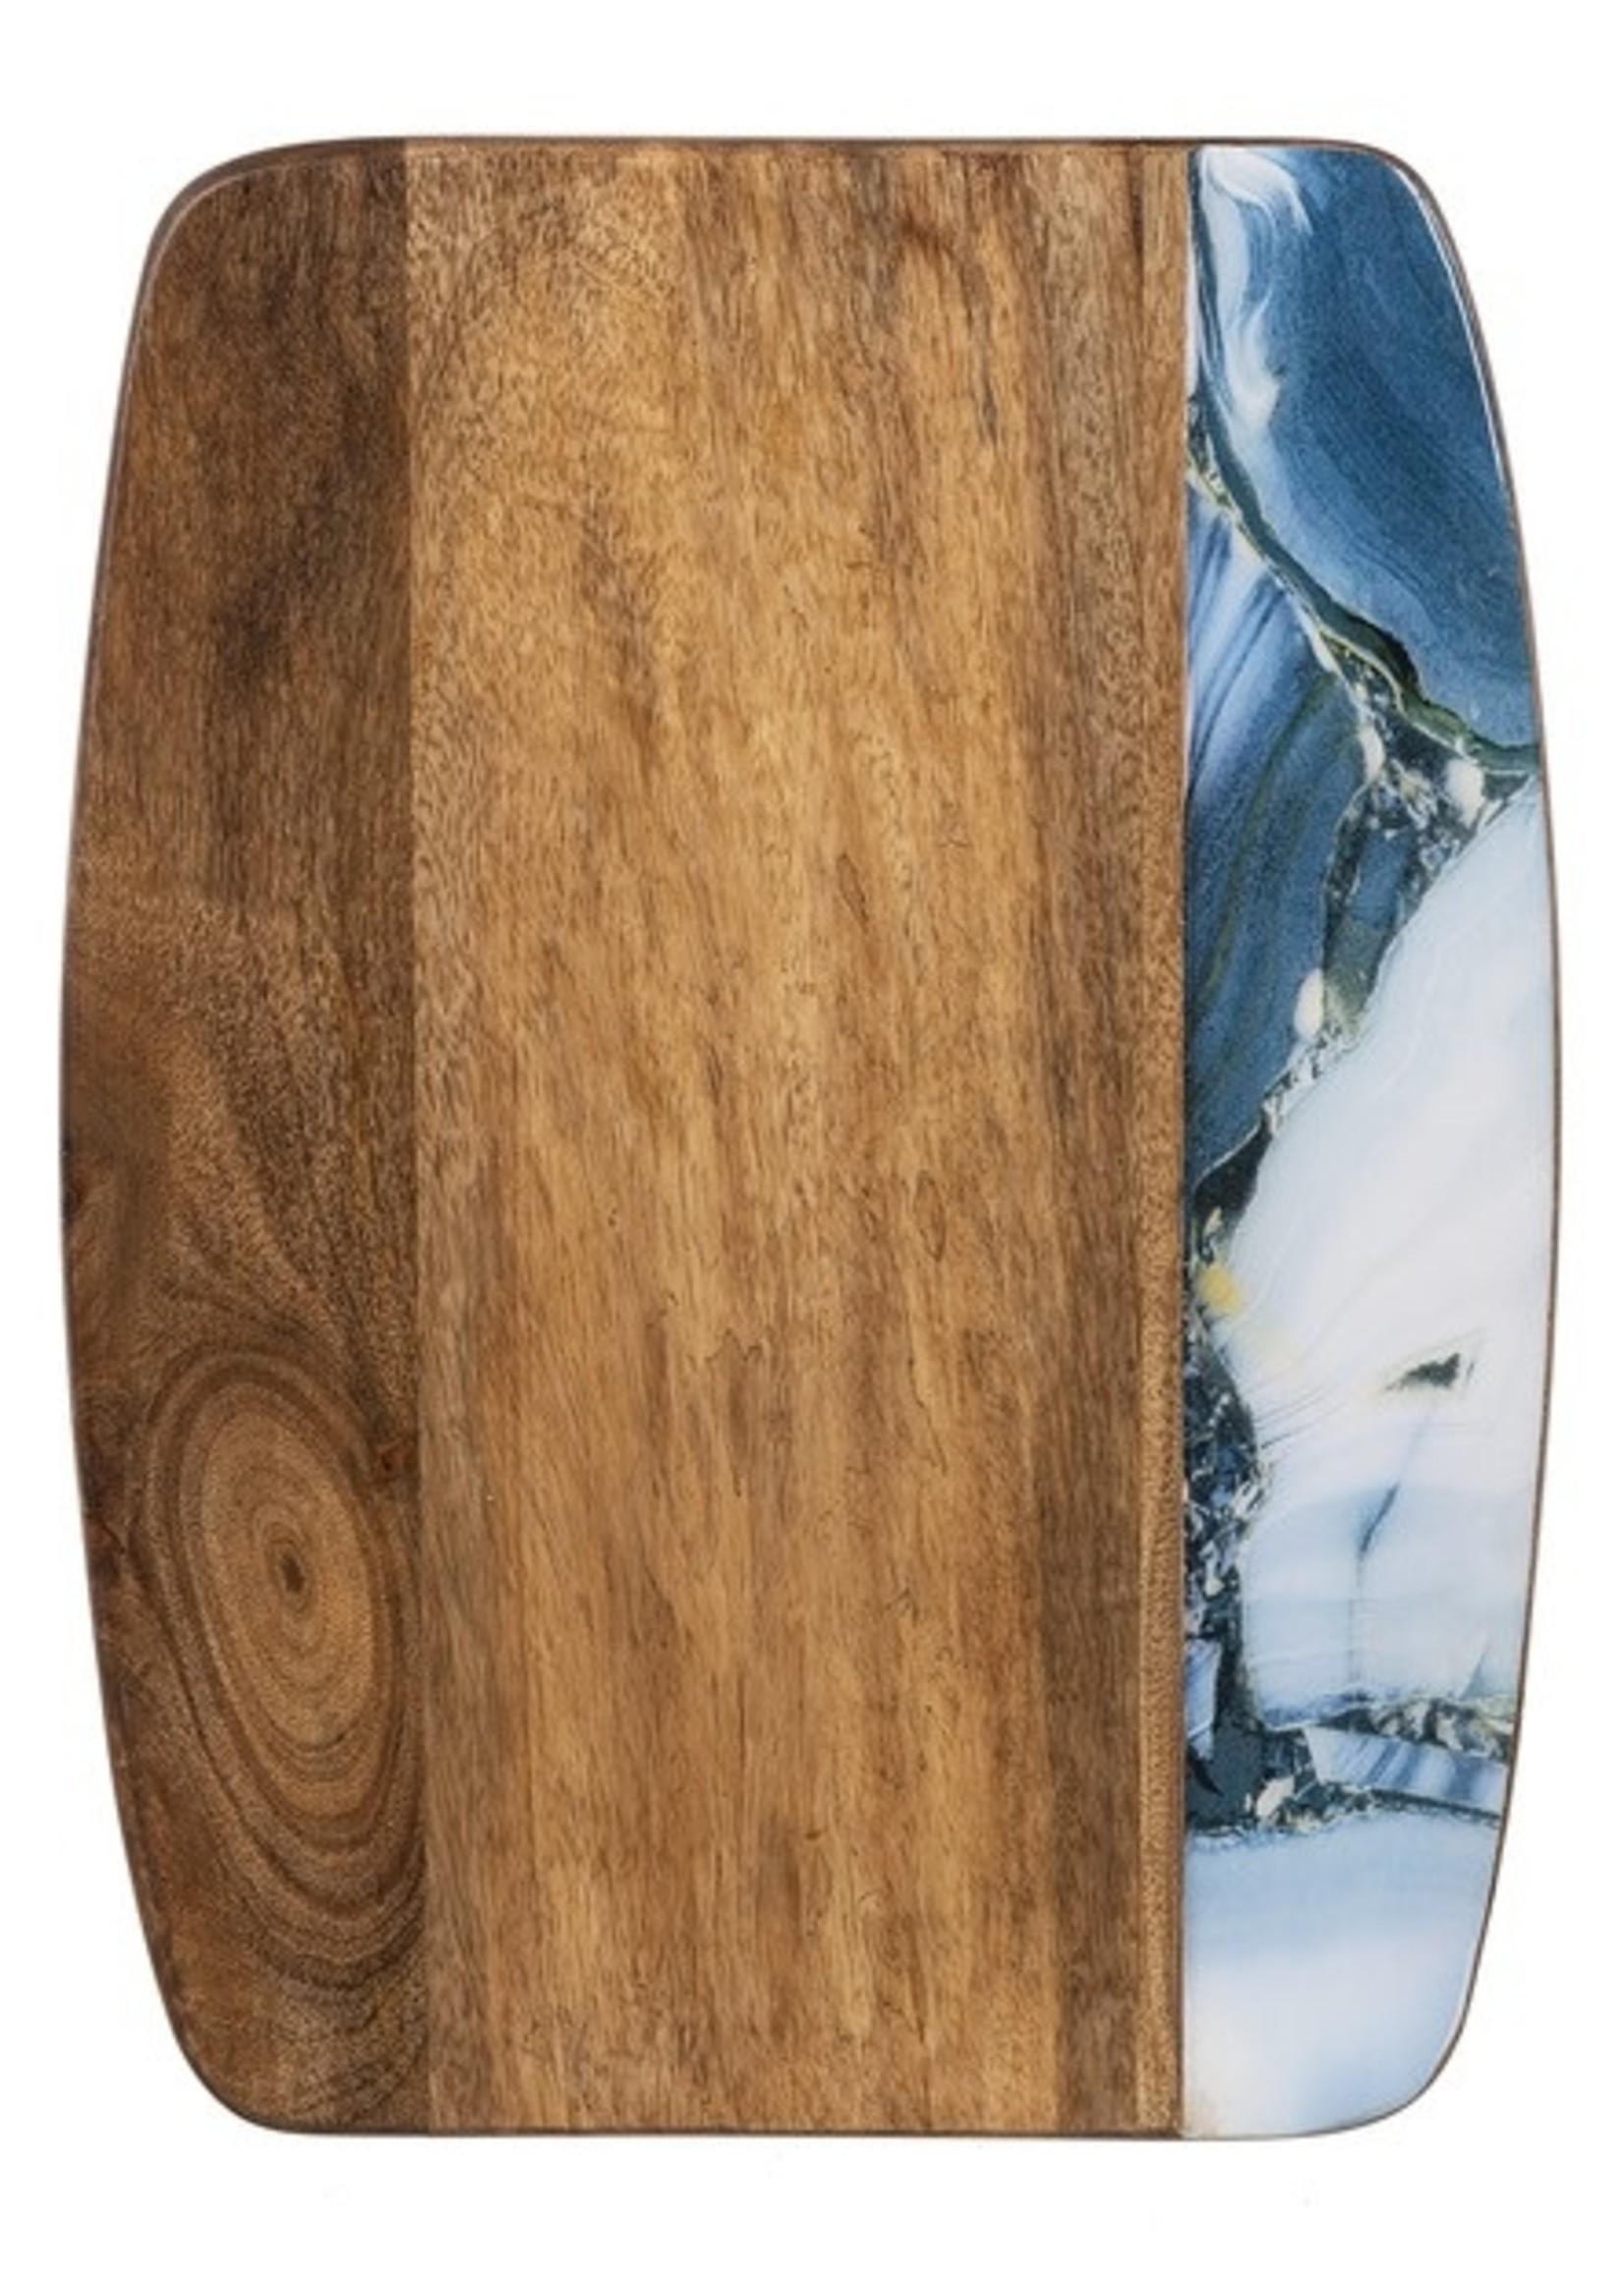 GANZ CB174773 CUTTING BOARD BLUE AGATE MANGO WOOD